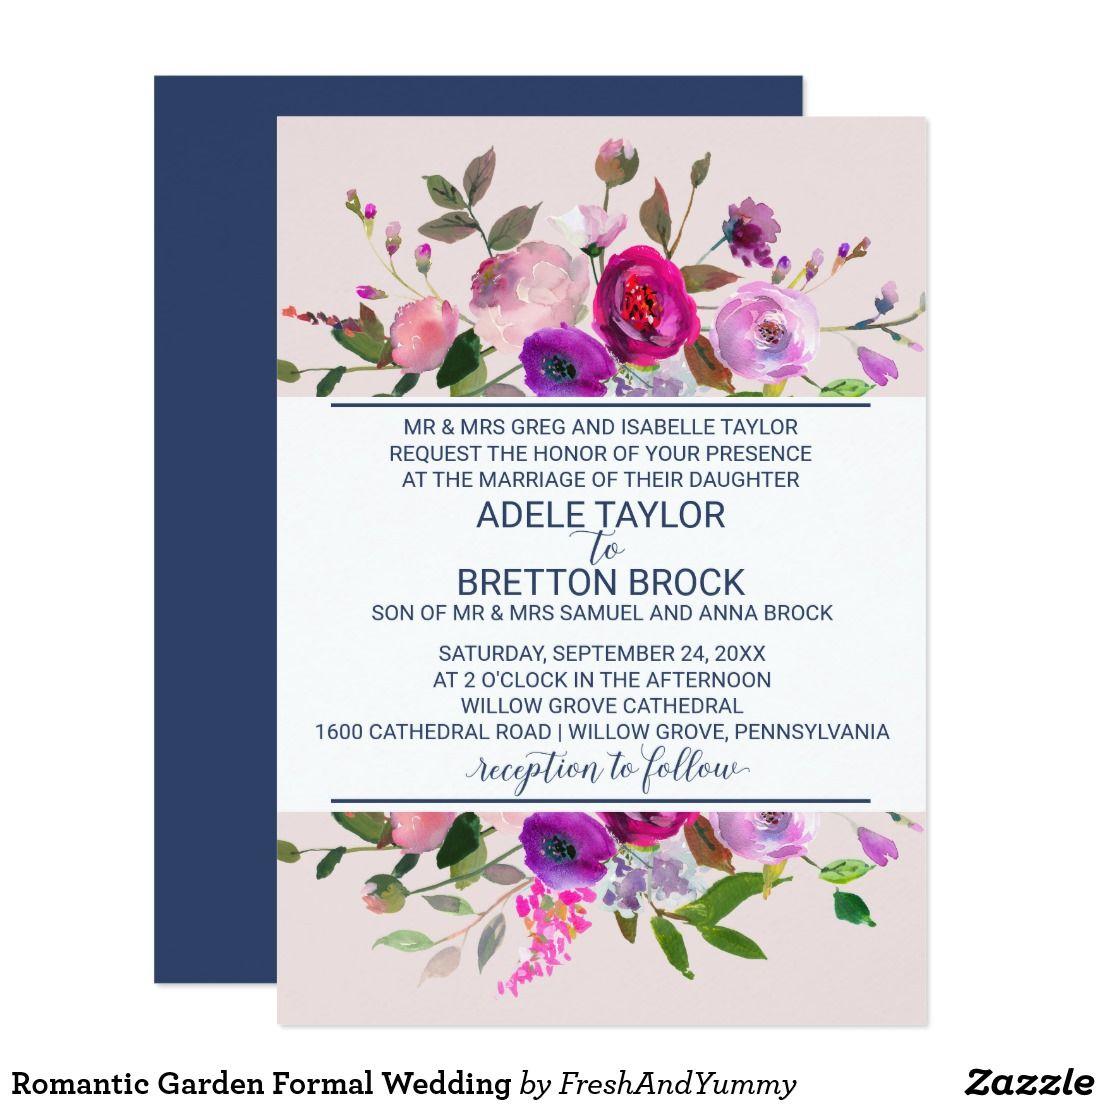 Romantic Garden Formal Wedding Invitation